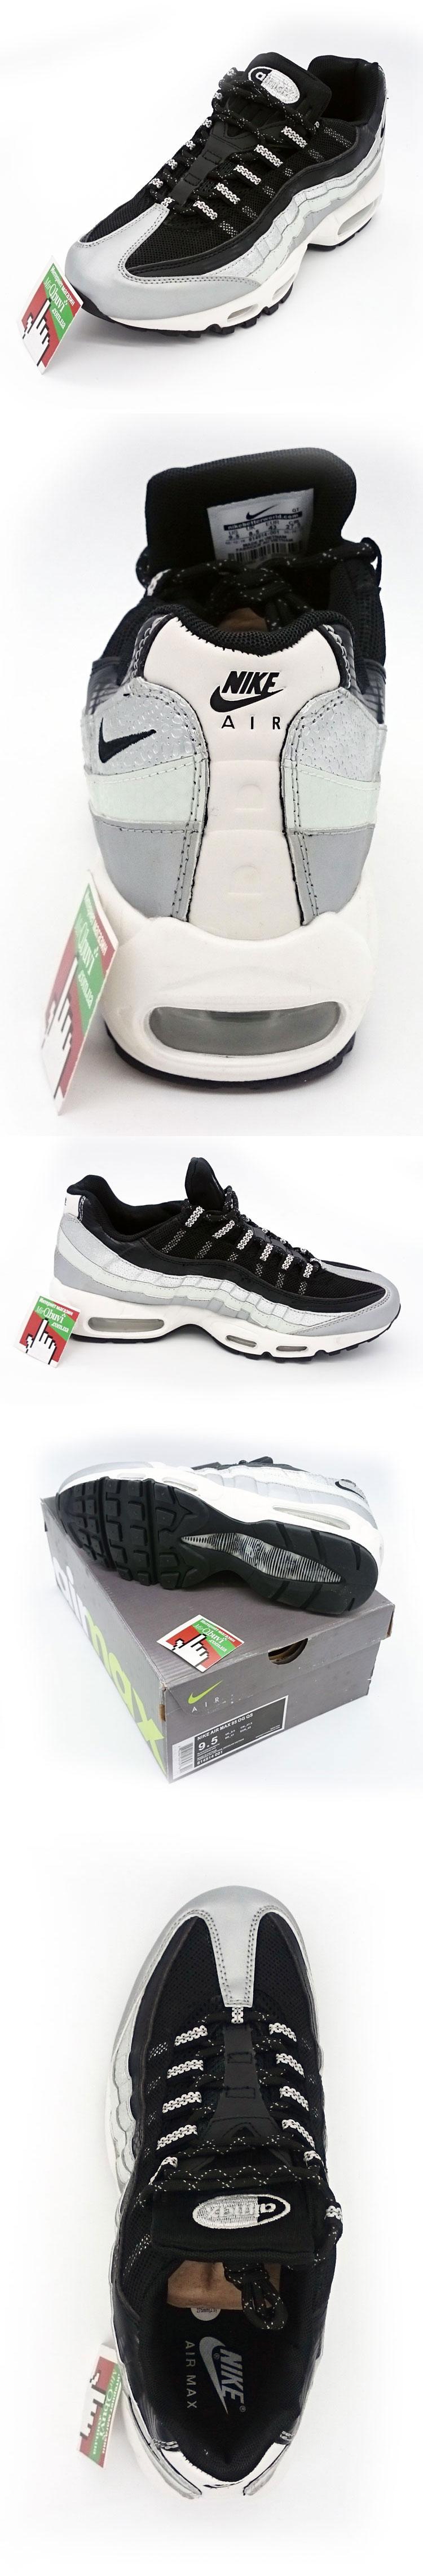 большое фото №5 Мужские кроссовки Nike air max 95 металлик. ТОП КАЧЕСТВО!!!